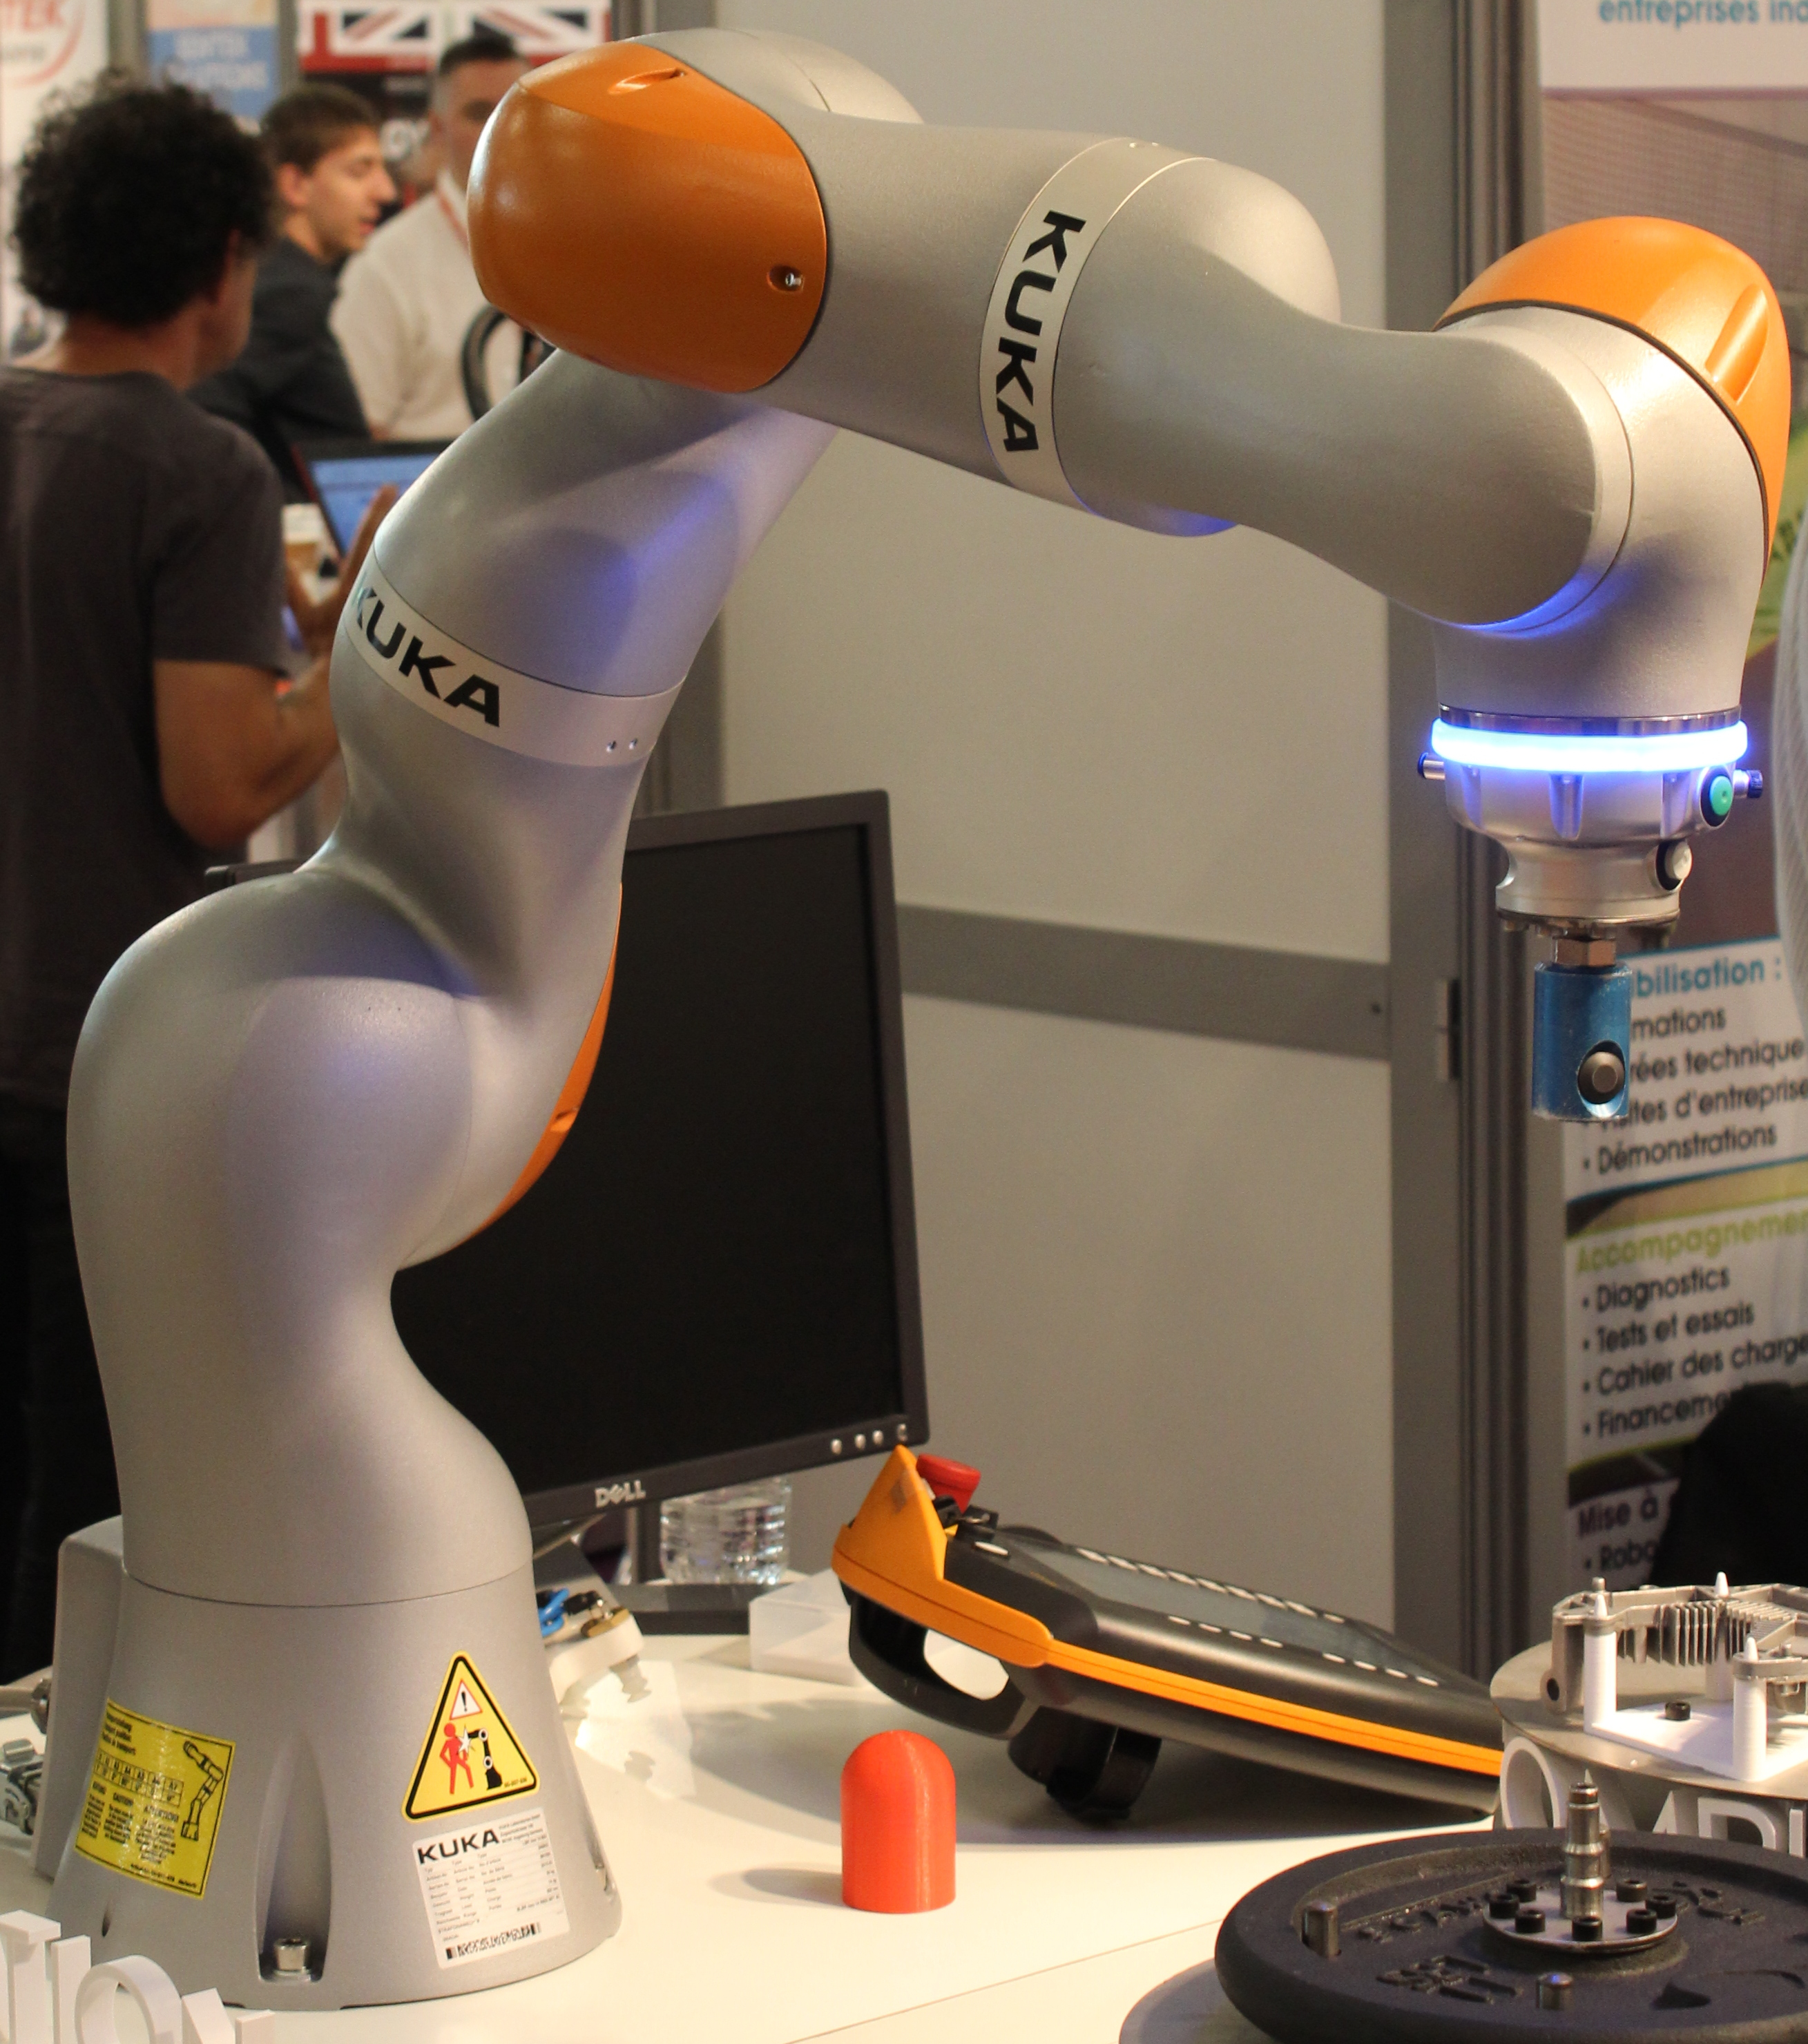 Robot collaboratif et santé sécurité au travail